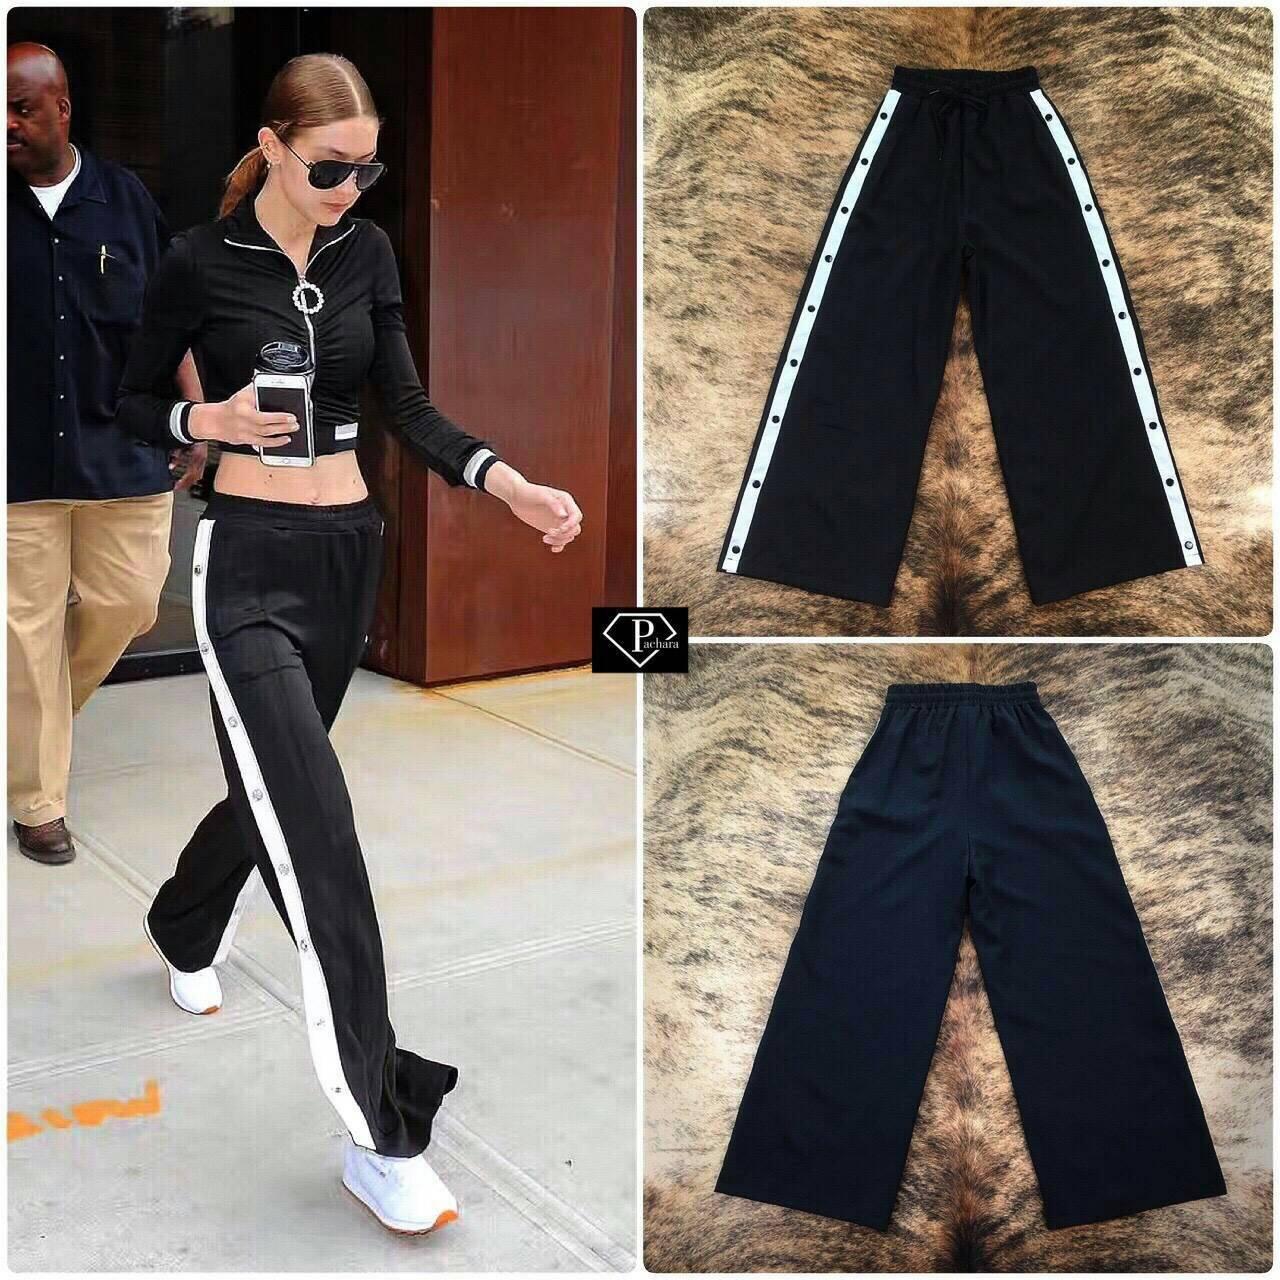 กางเกงขายาวกระบอกใหญ่คาดแถบข้างกระดุมแป้ก เกรดพรีเมี่ยม ดีเทลเนื้อผ้าวอร์มแบบบางเบา